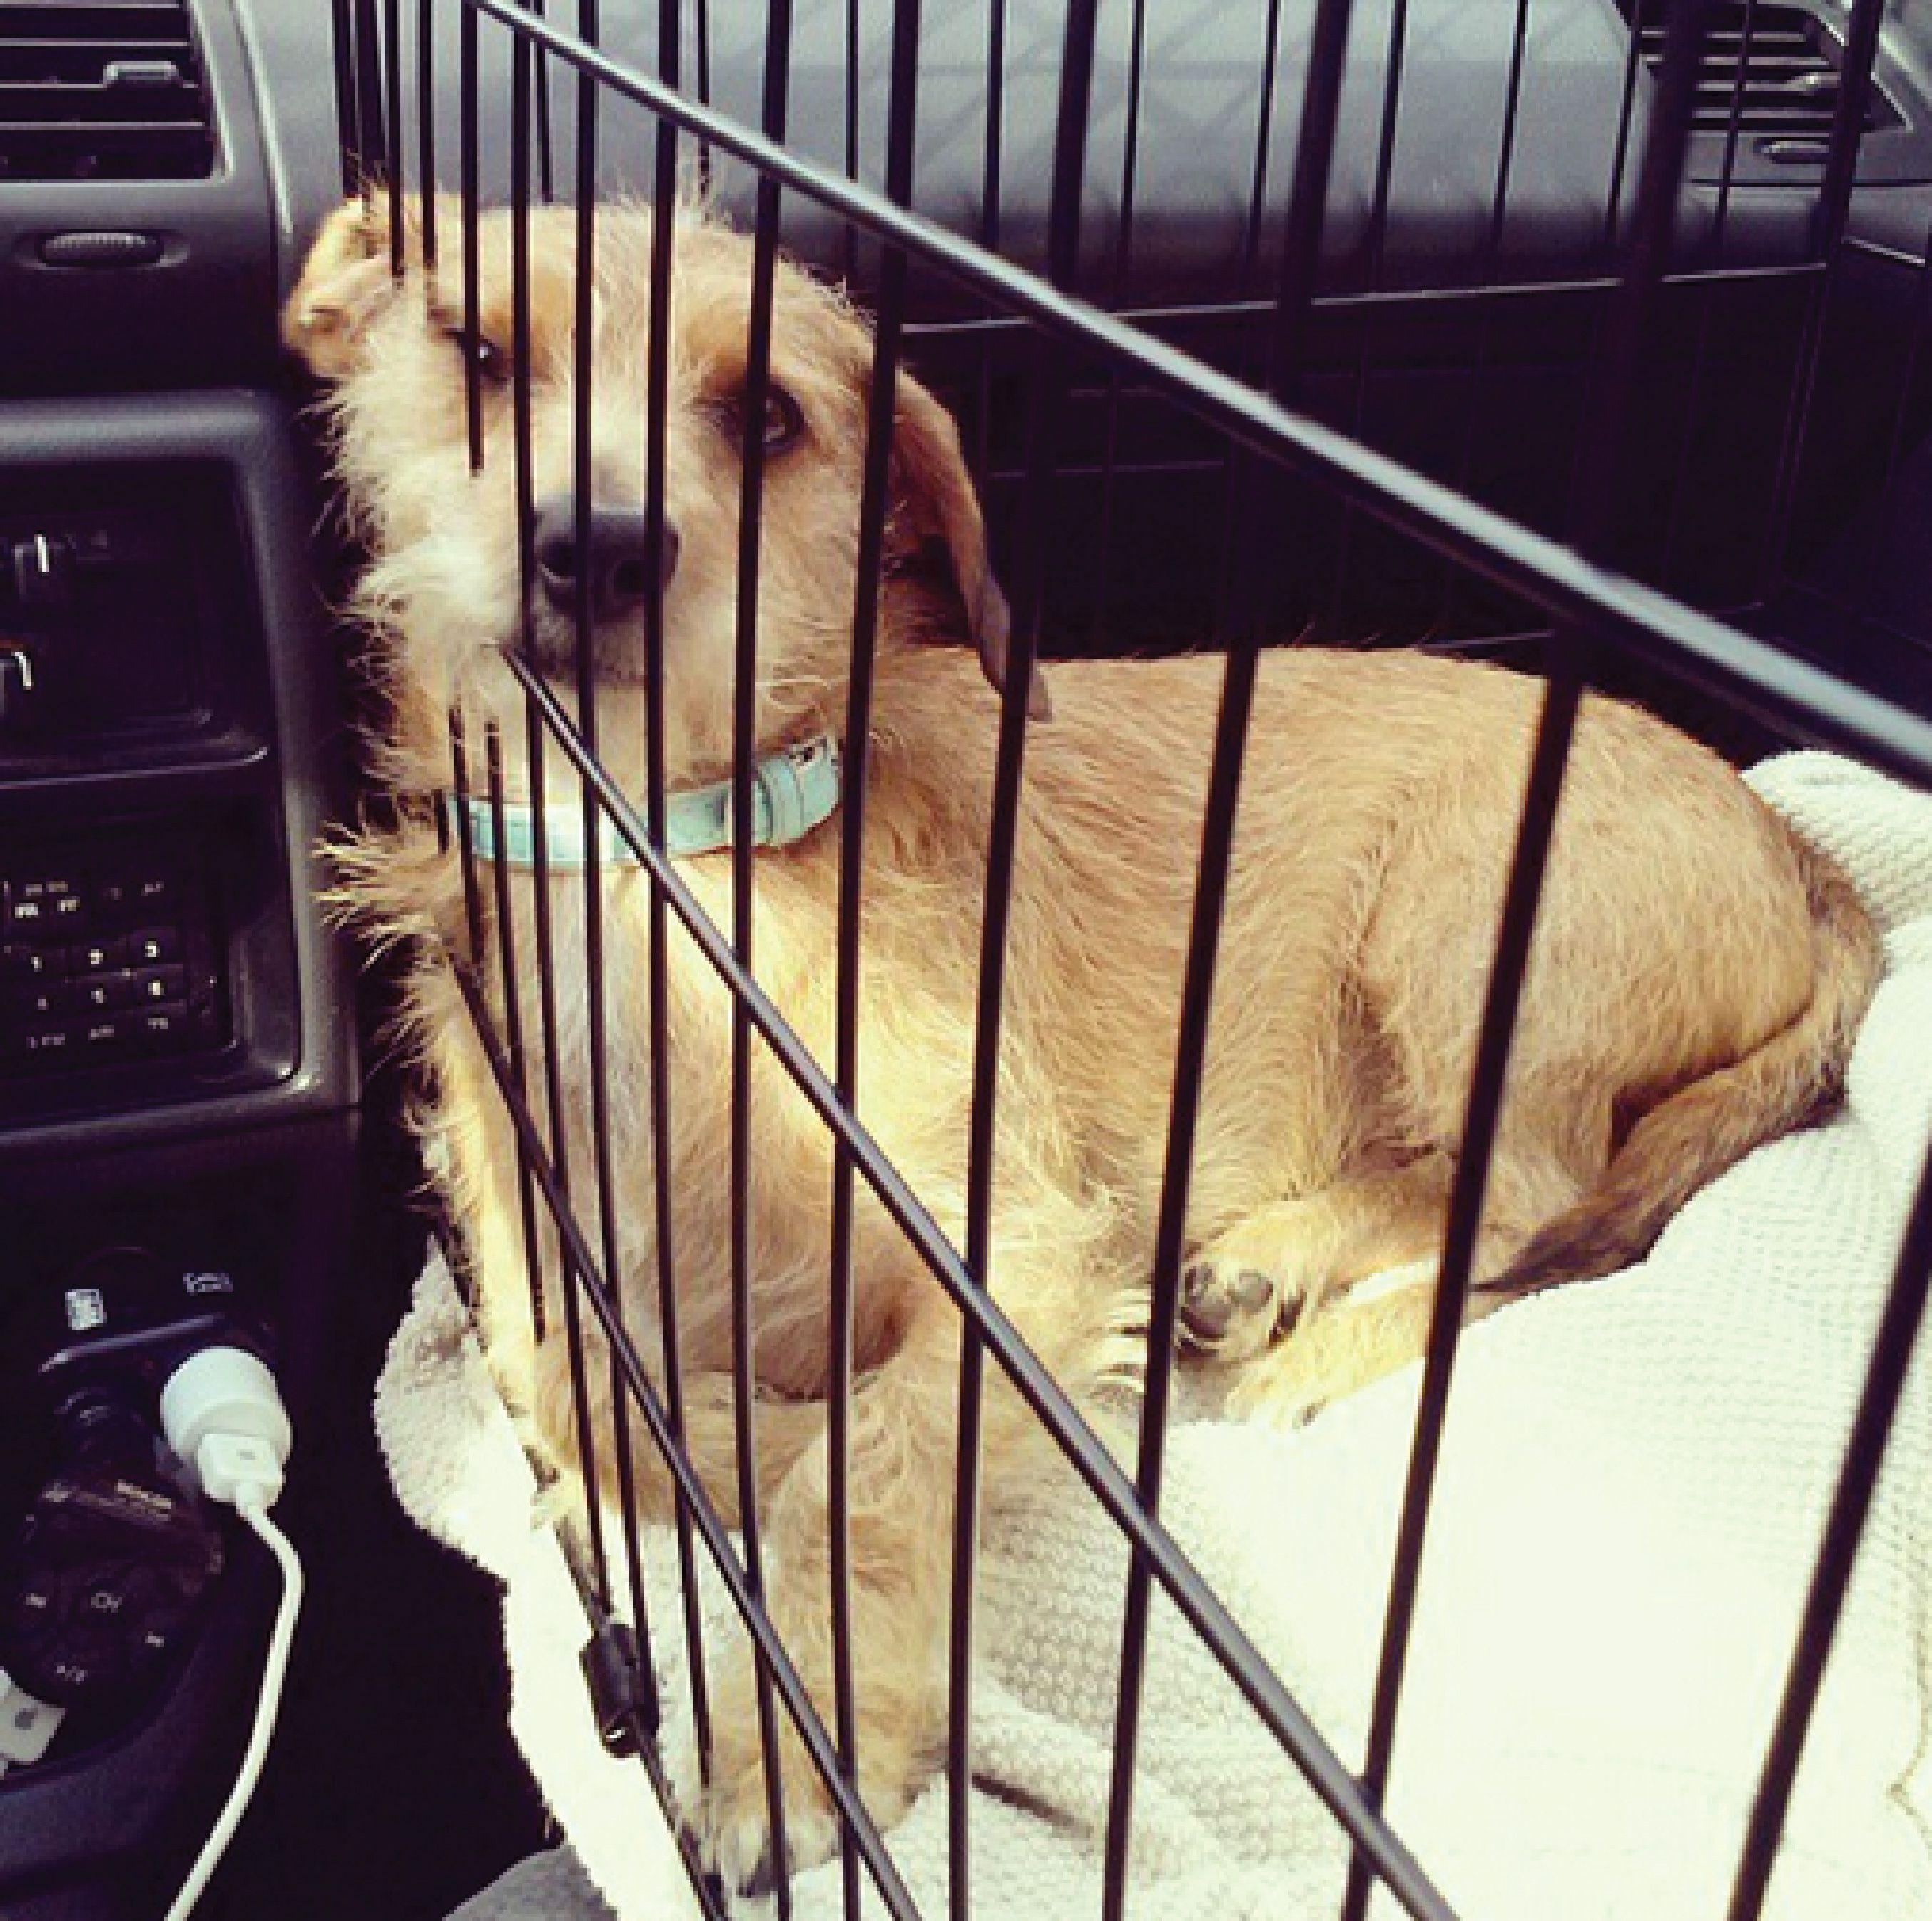 Pin Von Denksportspielehunde Auf Pawshake Osterreich Hunde Dachshund Welpen Hunde Dachshund Funny